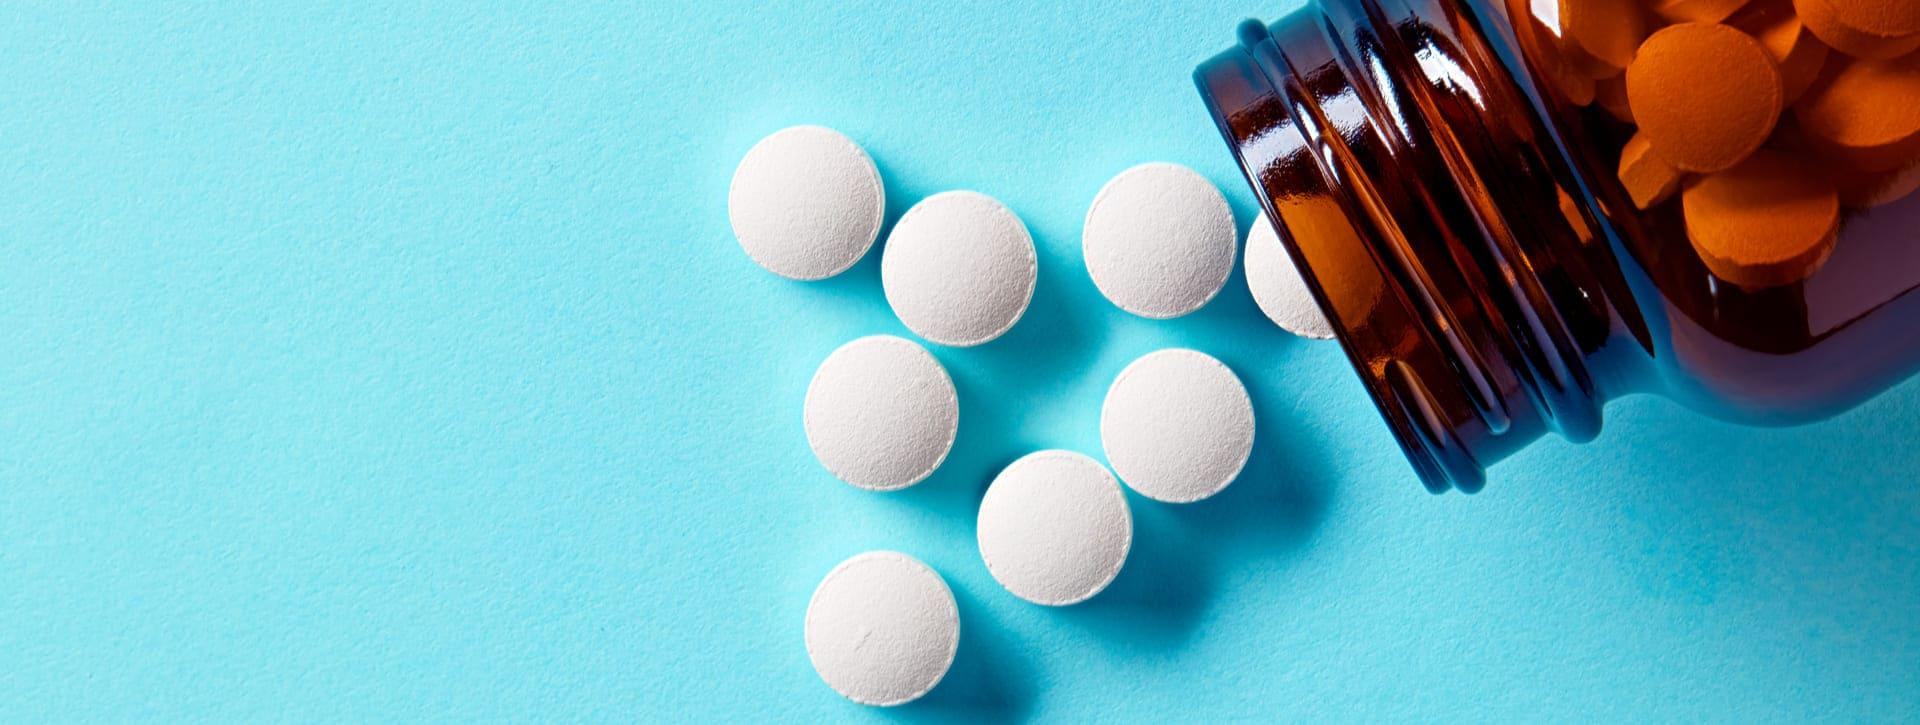 янтарная кислота при похмелье сколько таблеток